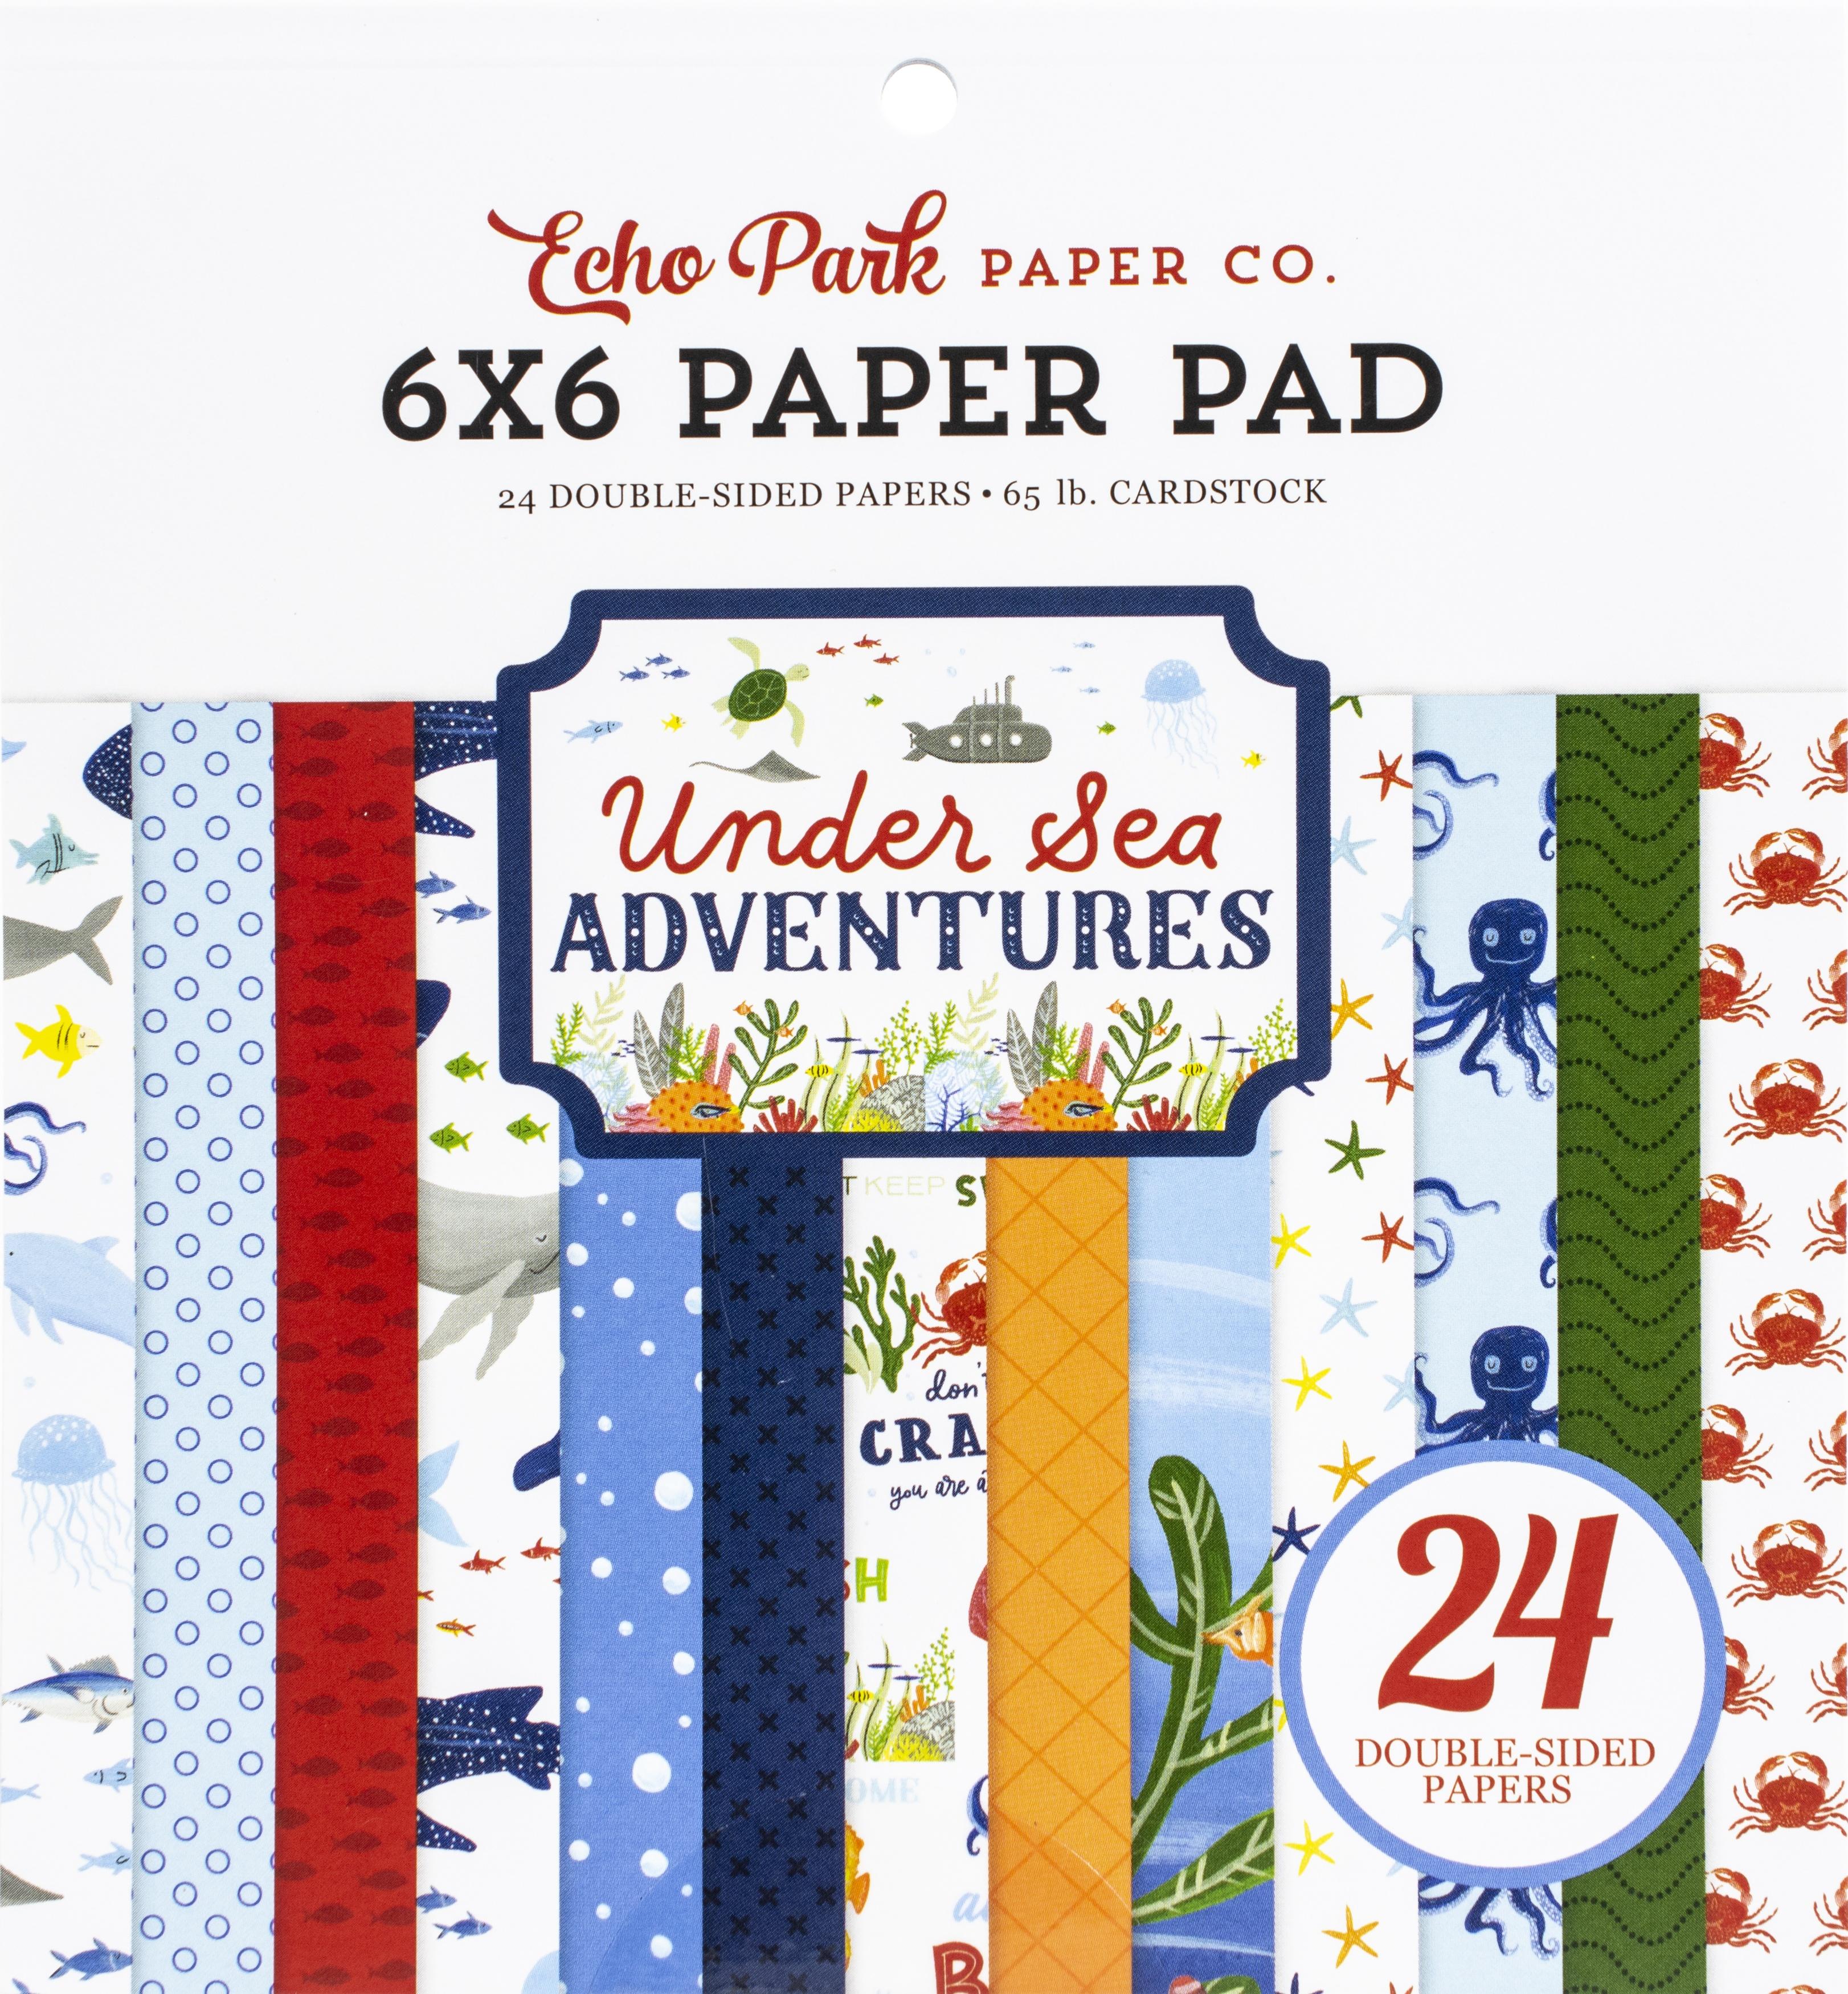 Echo Park - Under Sea Adventures - 6x6 Paper Pad